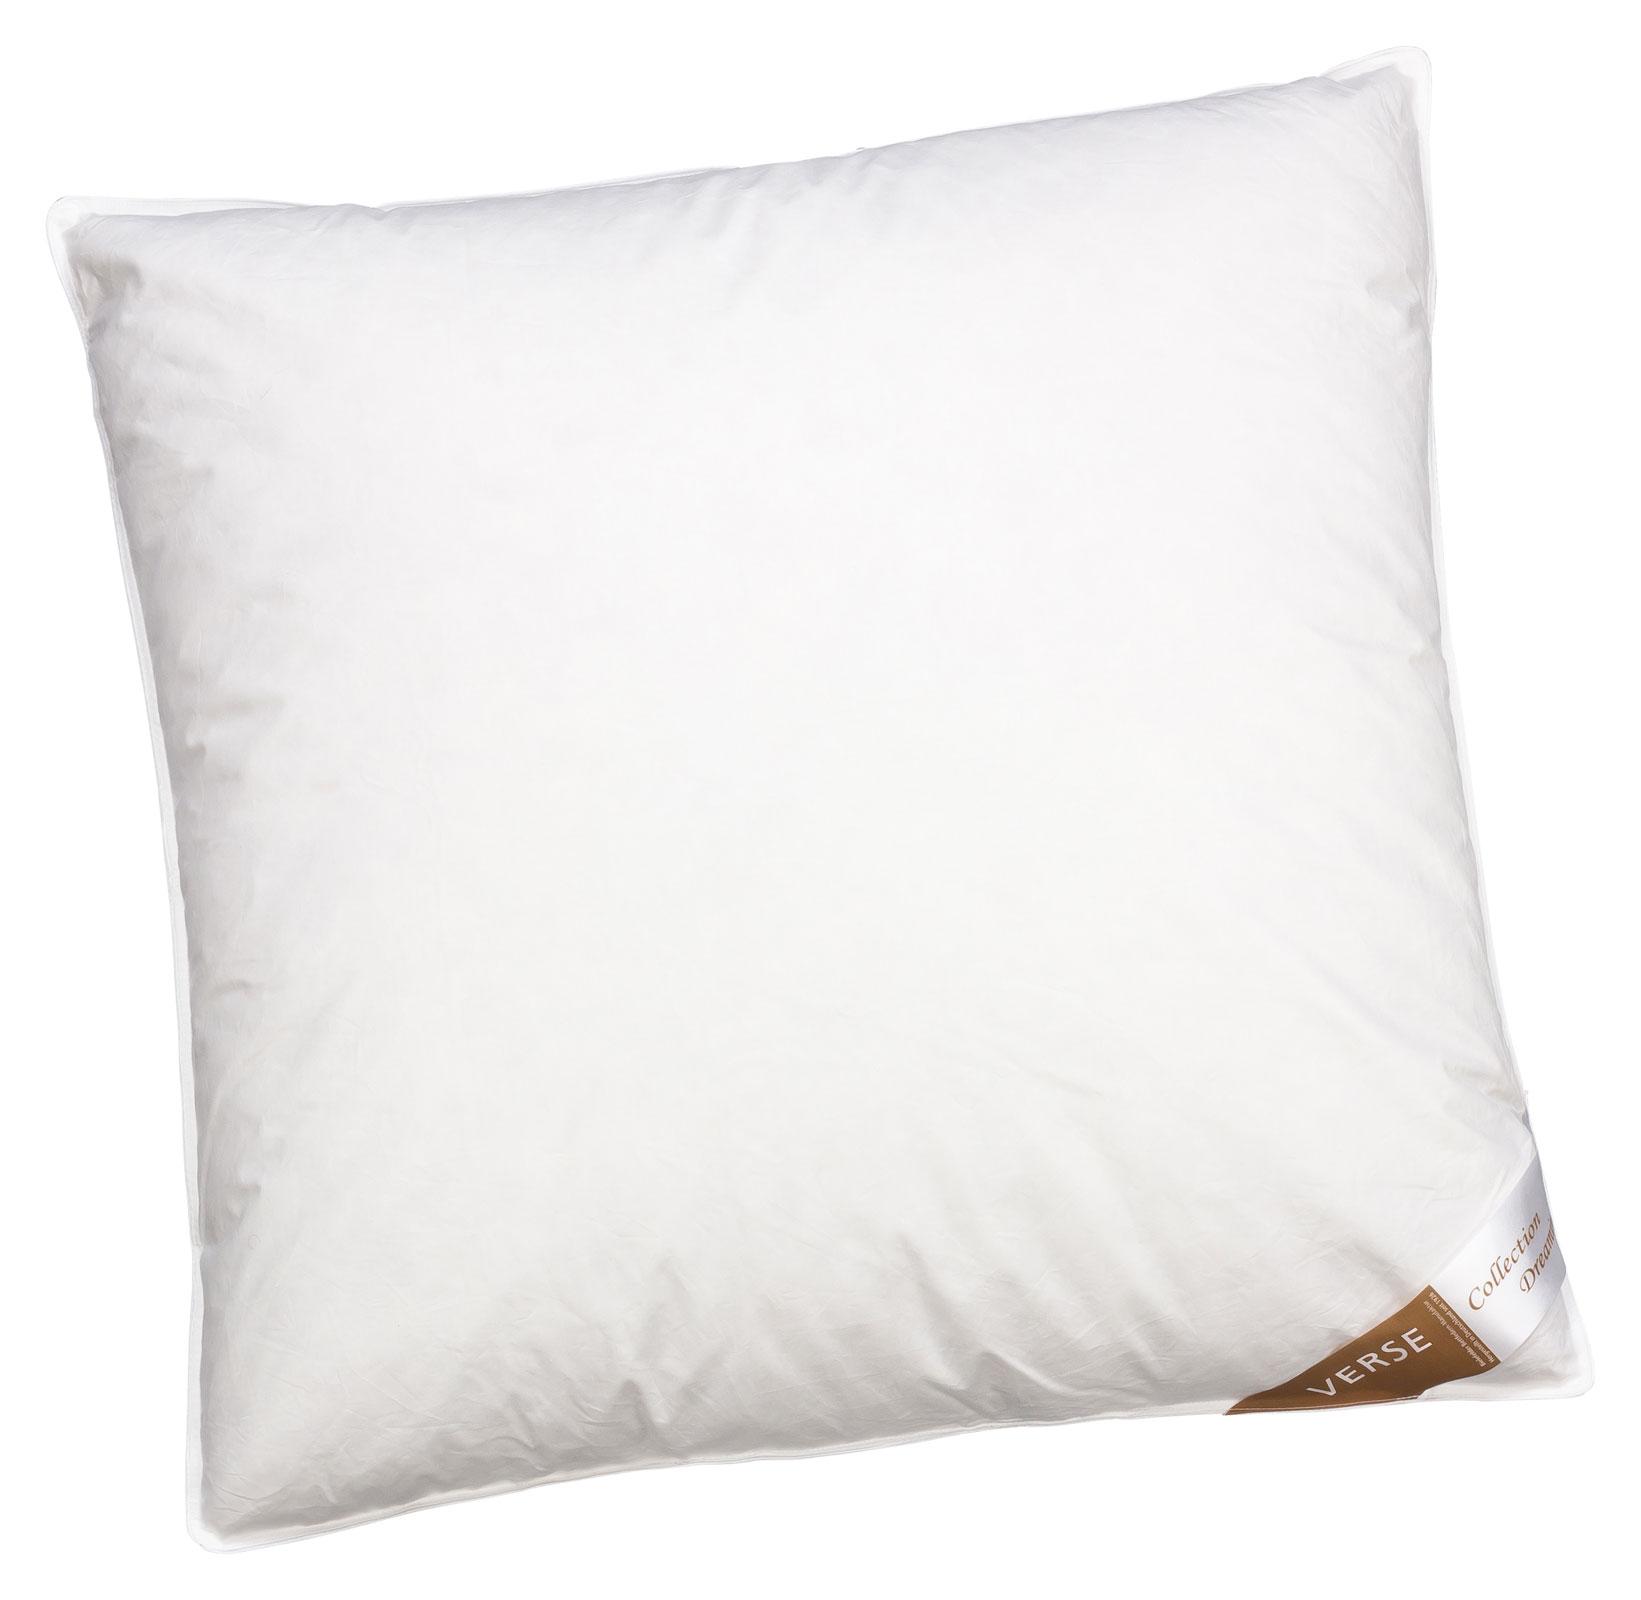 Bettdecken und Kopfkissen - 3 Kammer Kissen Kopfkissen Kammerkissen 80x80 Verse Collection Dreaming  - Onlineshop PremiumShop321